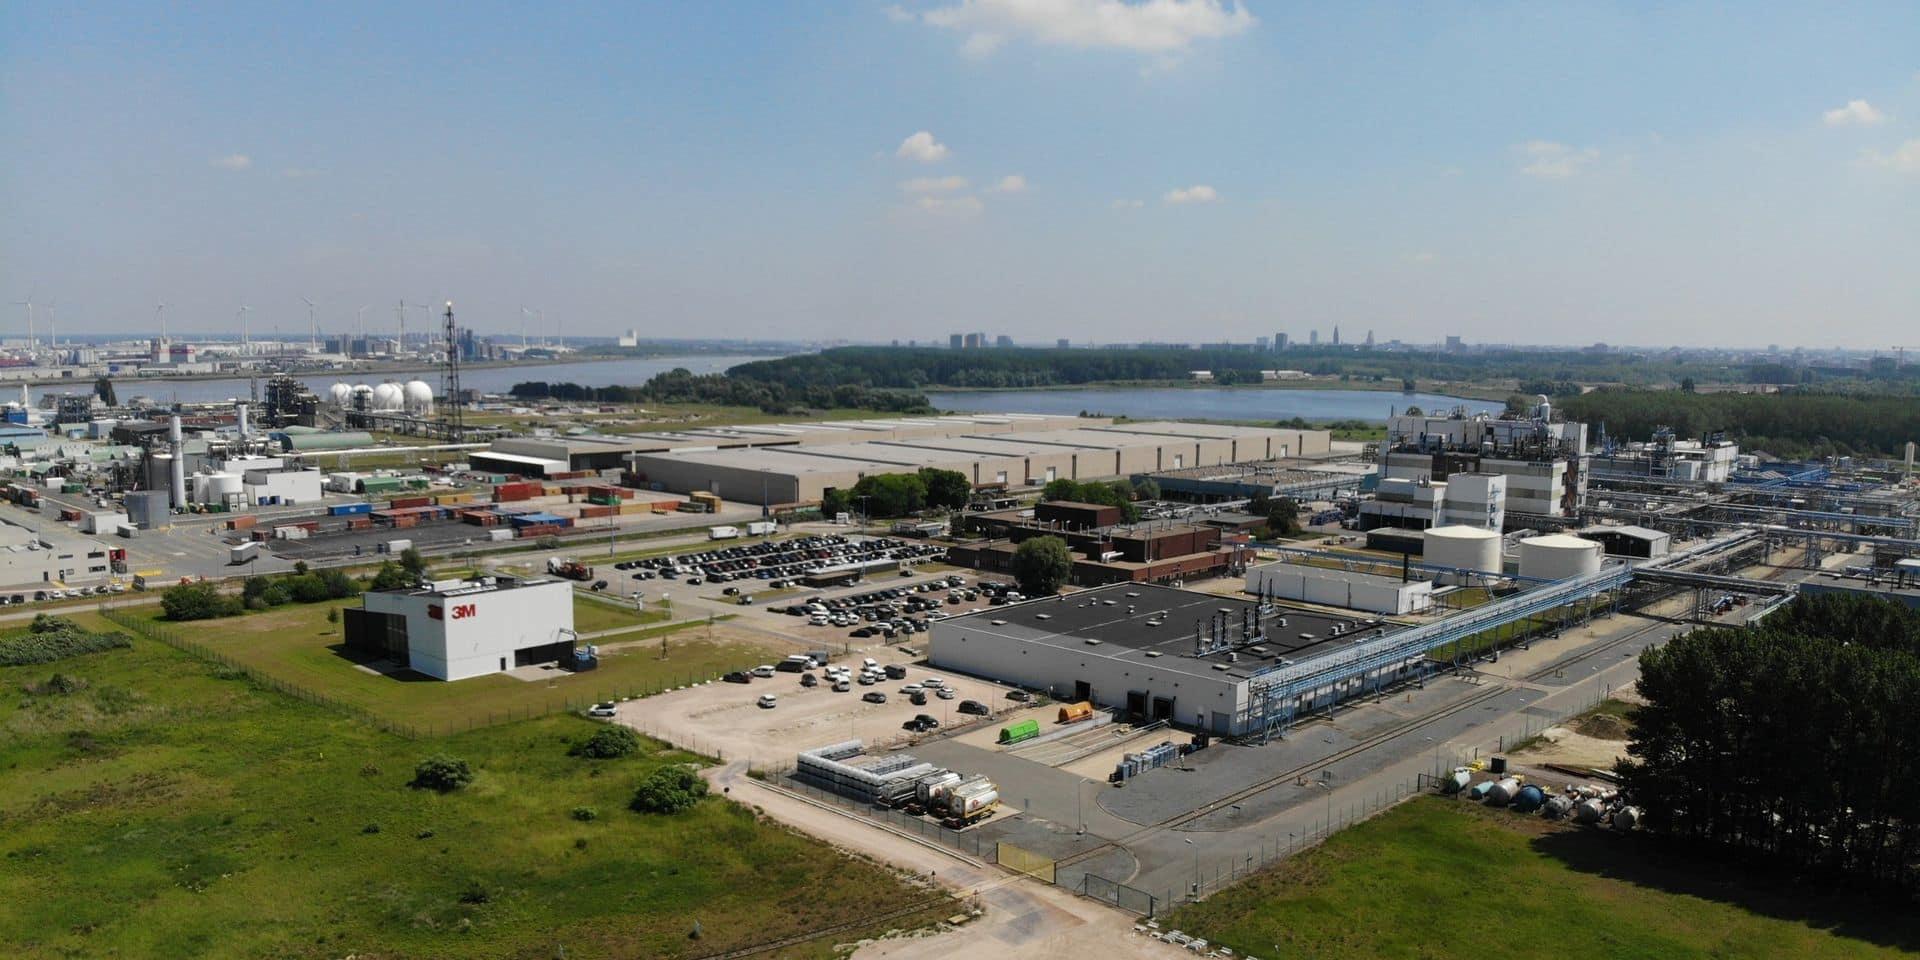 Pollution à Zwijndrecht : 800 personnes pourront passer un test sanguin à partir du 15 juillet, les PFAS ne seront pas faciles à remplacer